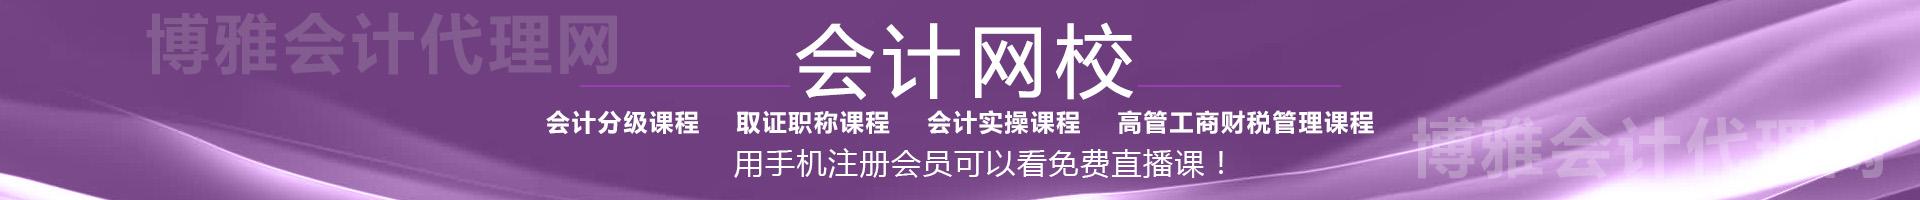 必威体育 betway官网网校